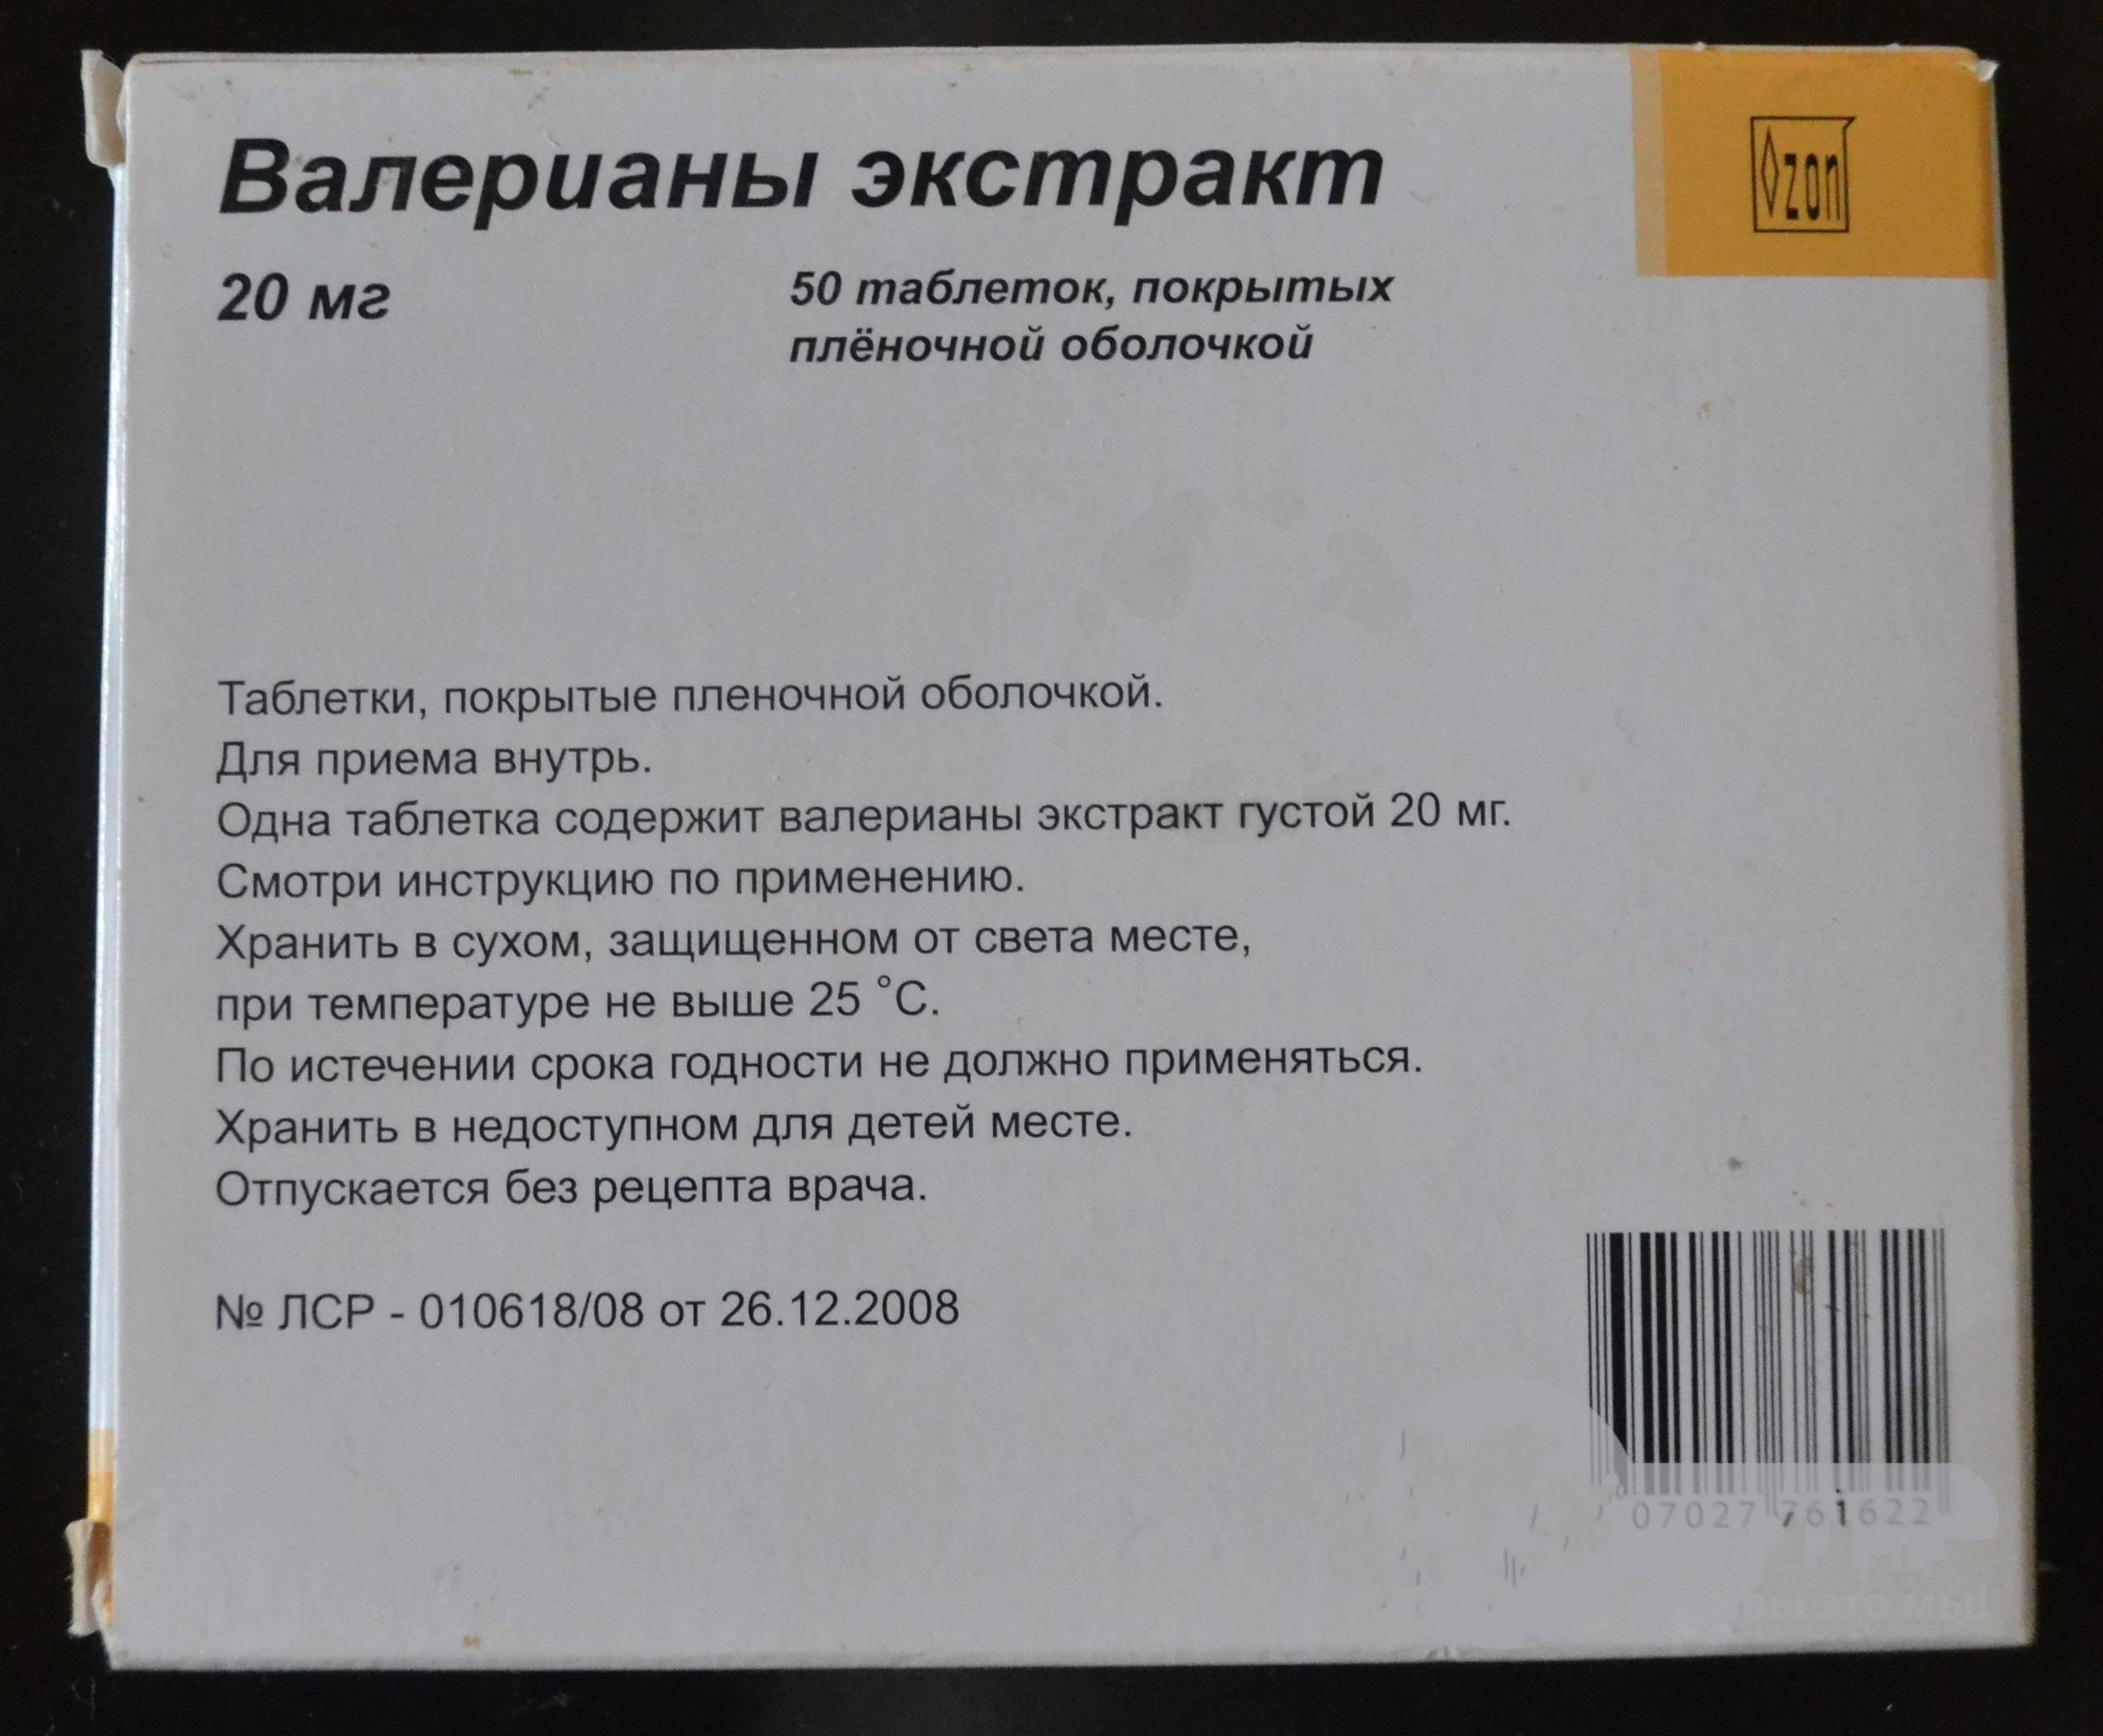 Валериана ребенку: иснтрукция по применению, в таблетках, сколько капель можно дать